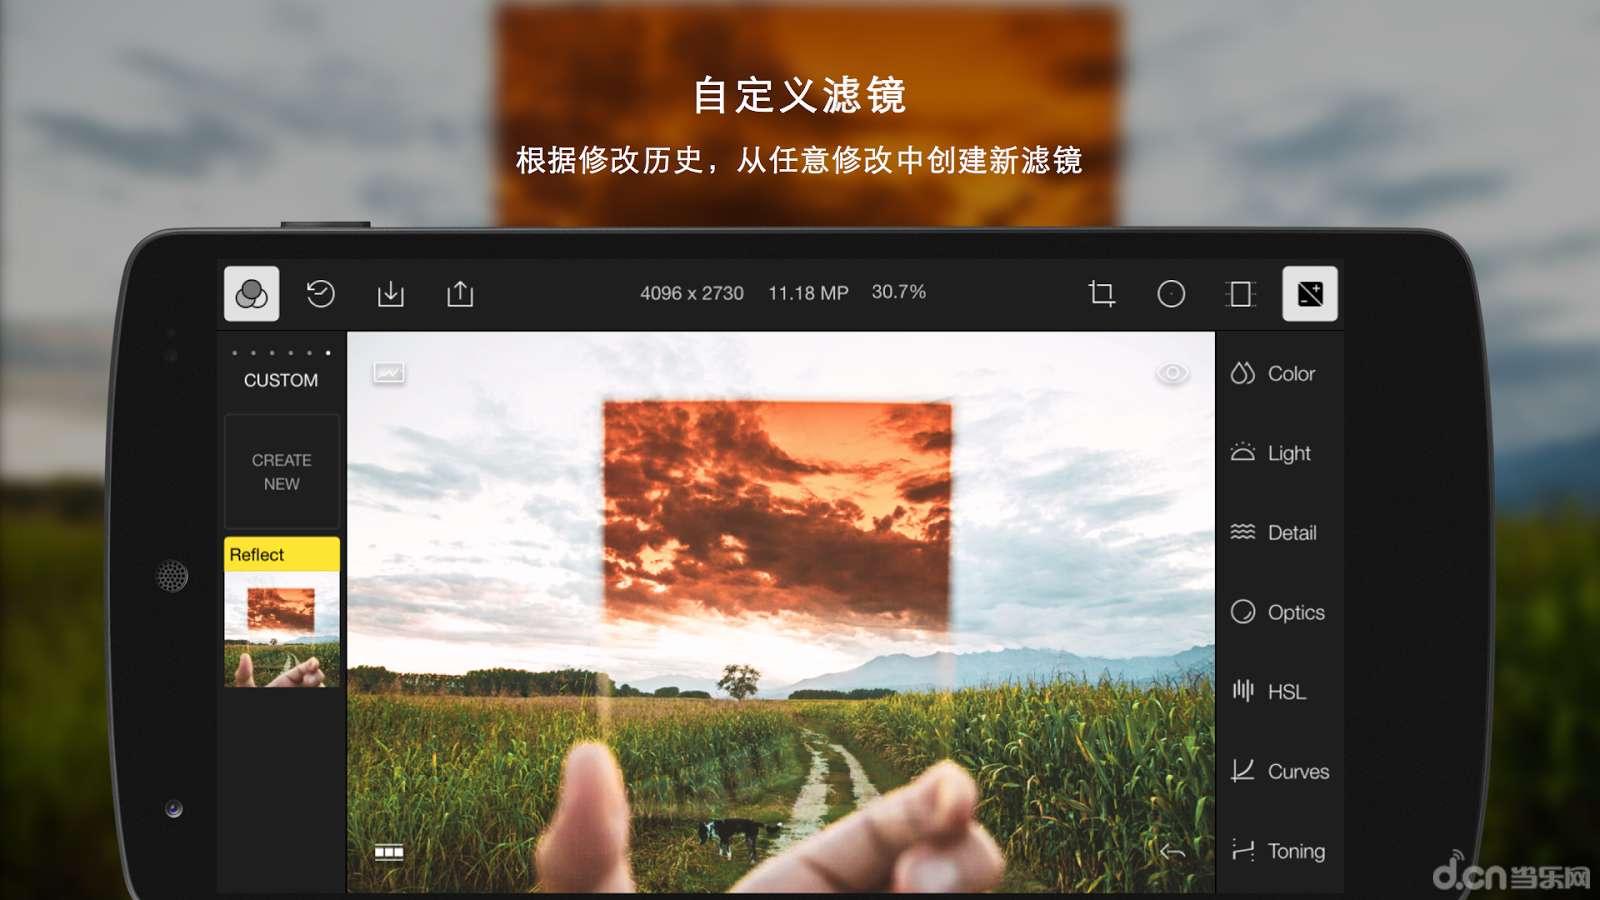 我们为摄影爱好者提供强劲而又优雅的高质量图像编辑体验,通过泼辣修图APP,你可以学会用一种新的方式重构你的图片,或者用你已经熟悉并且喜好的工具在手机上进行编辑。 这就是我们泼辣修图的移动版本。泼辣修图网页版是十分流行的在线图像处理软件,其无需下载、专业易用、云端移动等特征广受好评,超过三十万用户盛赞这款专业软件带来的修图体验。  超级棒的APP,这款软件涵盖了我在LR里面经常使用的绝大多数工具!泼辣修图用户 这里有丰富的滤镜可以选择,并且你在这里看到很多其他APP上没有的专业选项。 Chrom